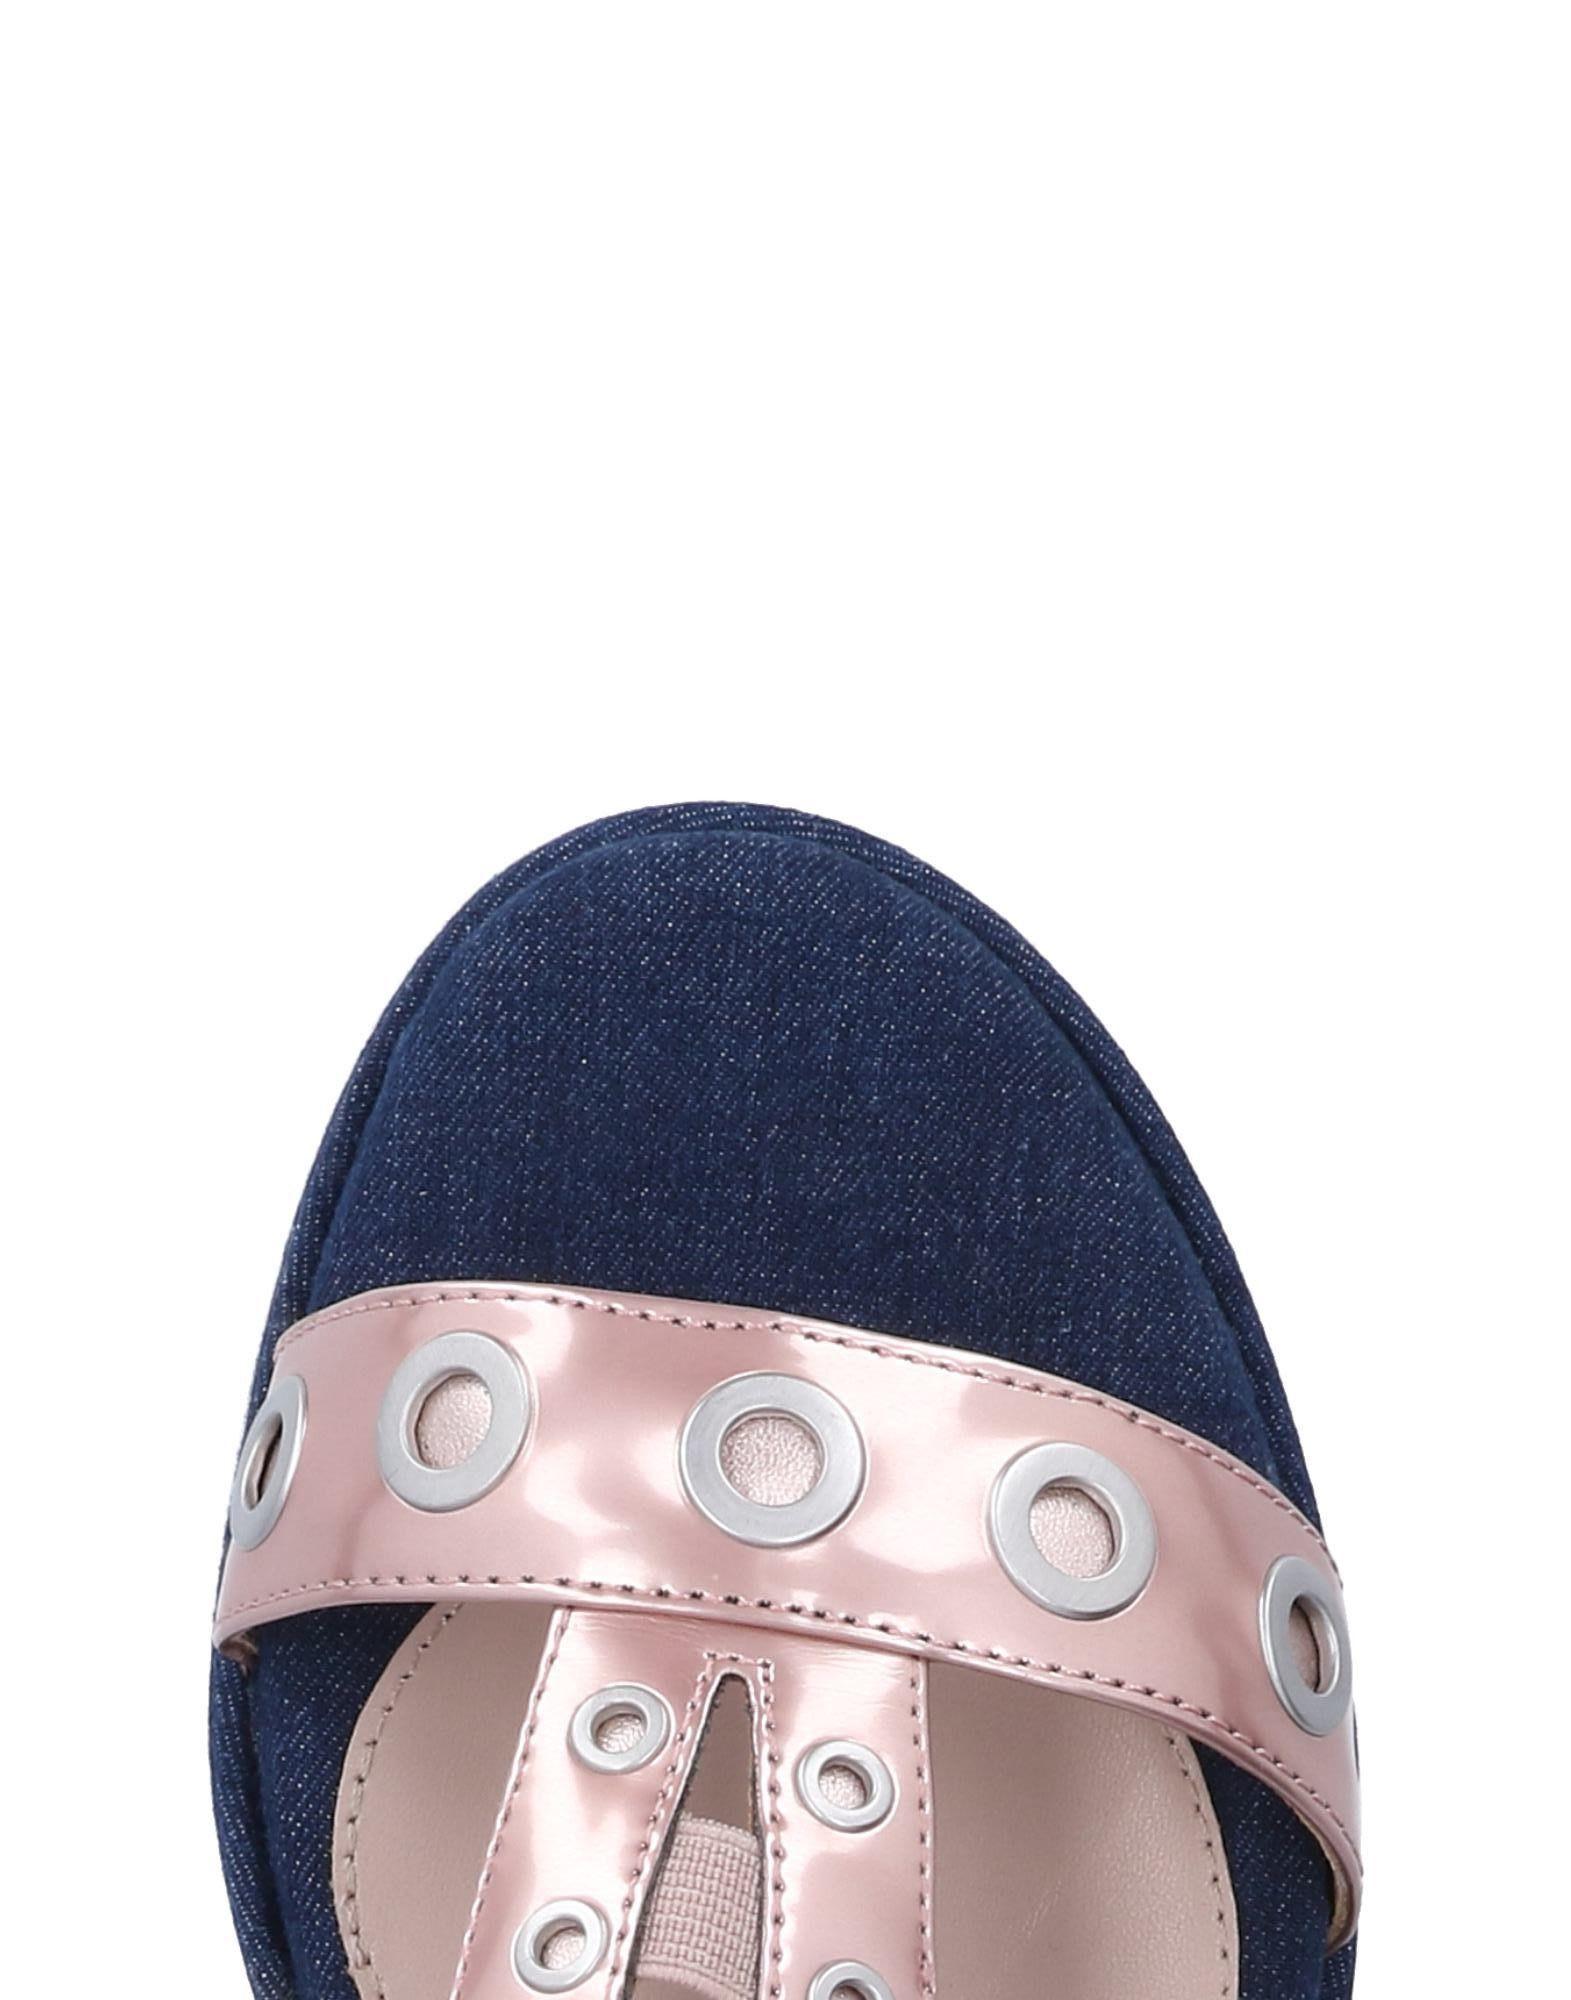 Clone Dianetten Damen  11472864GS Schuhe Gute Qualität beliebte Schuhe 11472864GS 116cbf